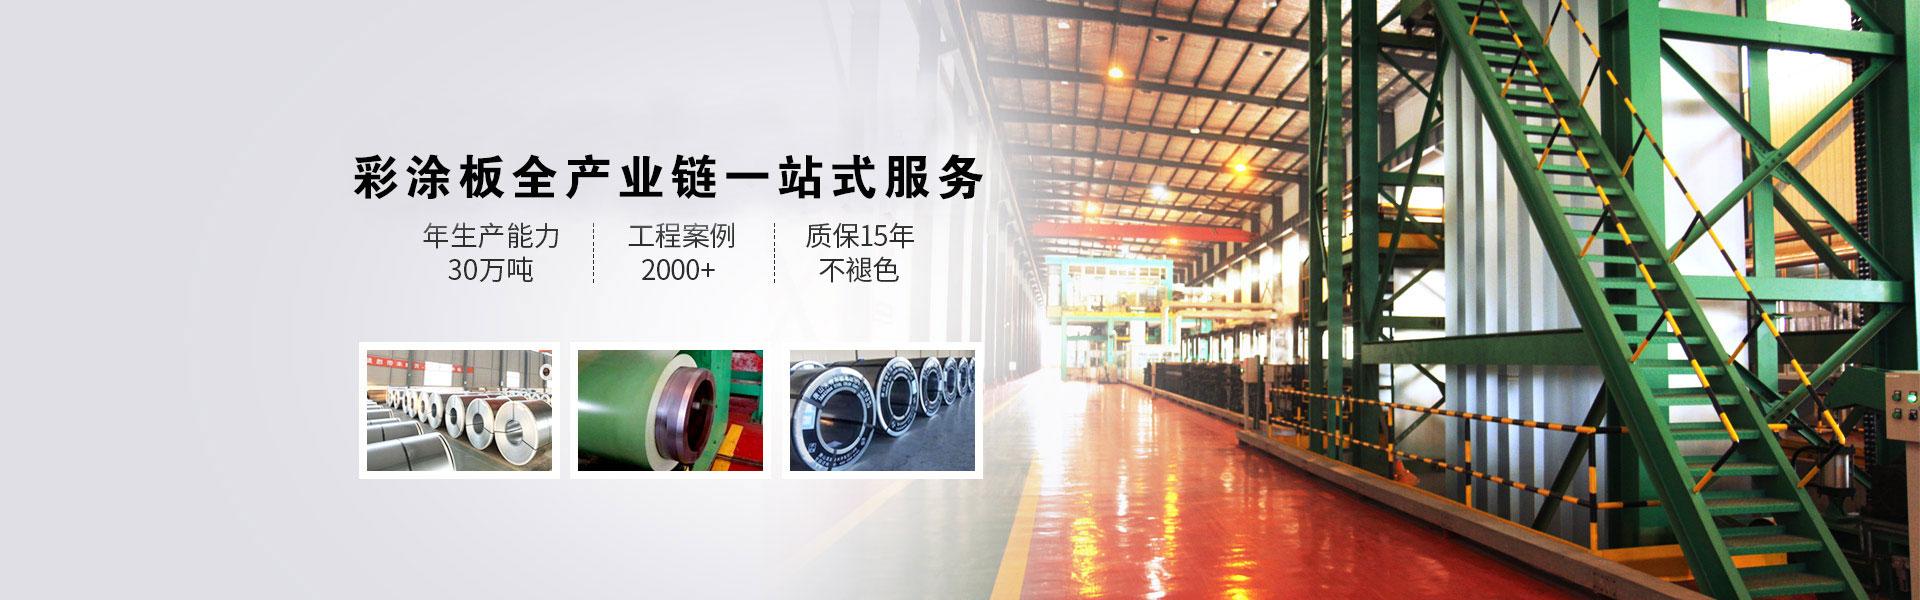 天物彩板:国家重点工程核心供应商——唐山彩卷价格